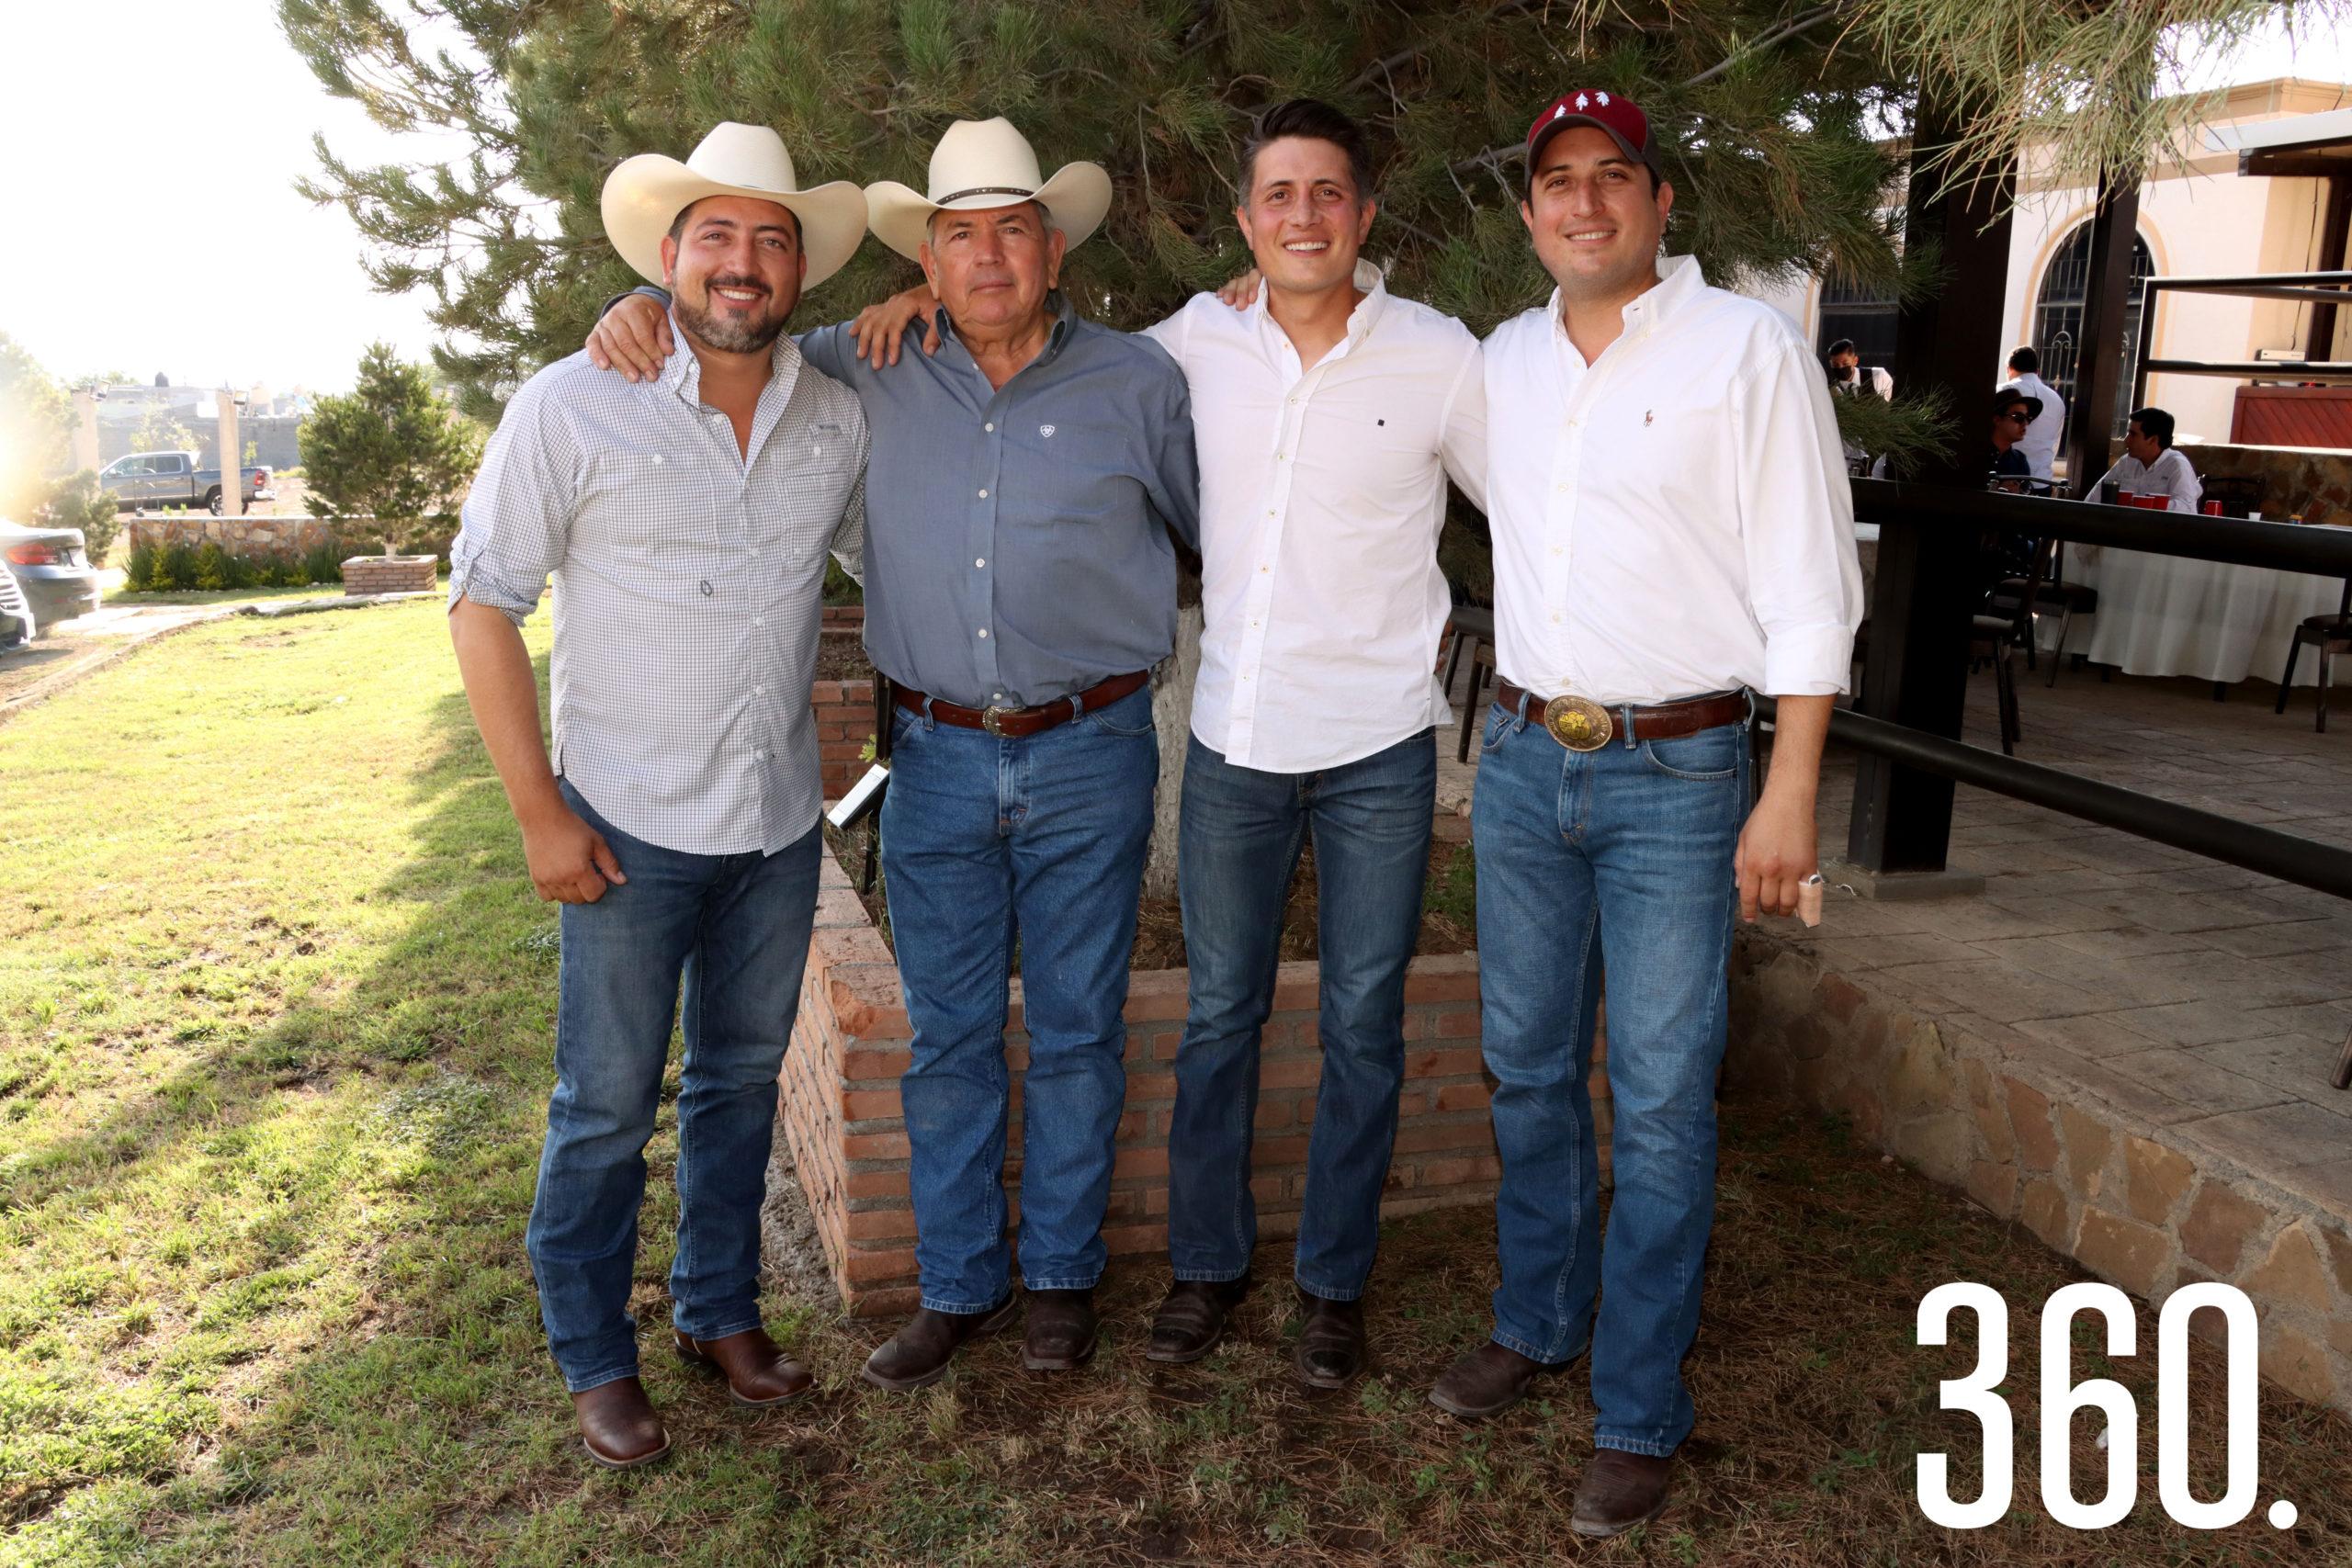 Su papá, Alberto Prado Delgado, y sus hermanos Fernando y Guillermo Prado organizaron la despedida.